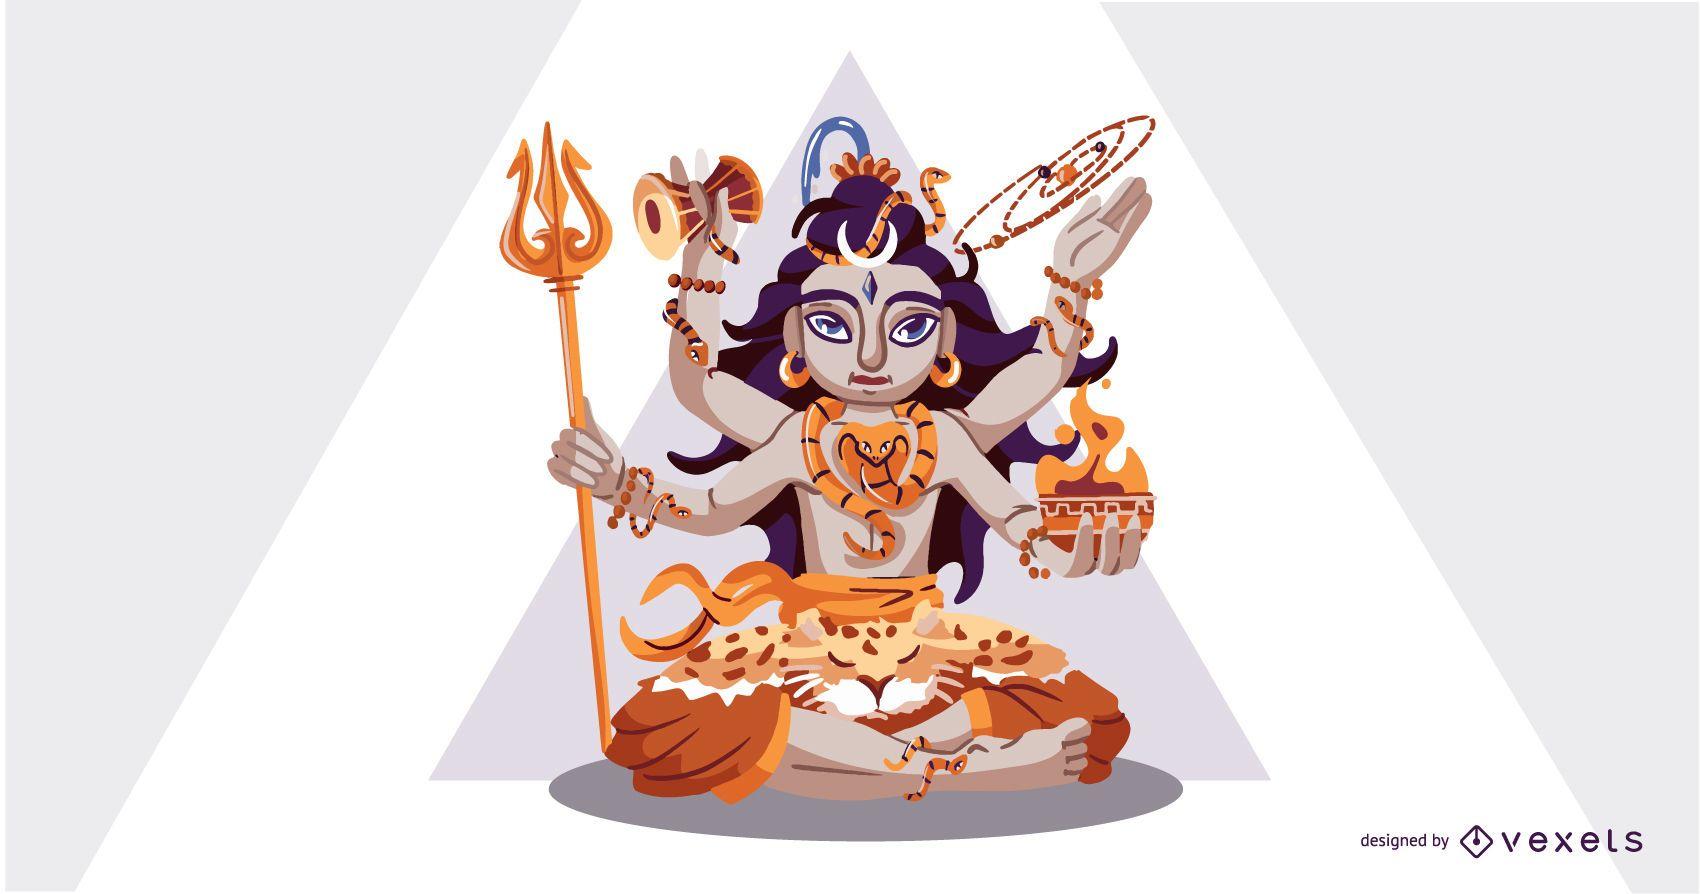 Hindu god Shiva illustration